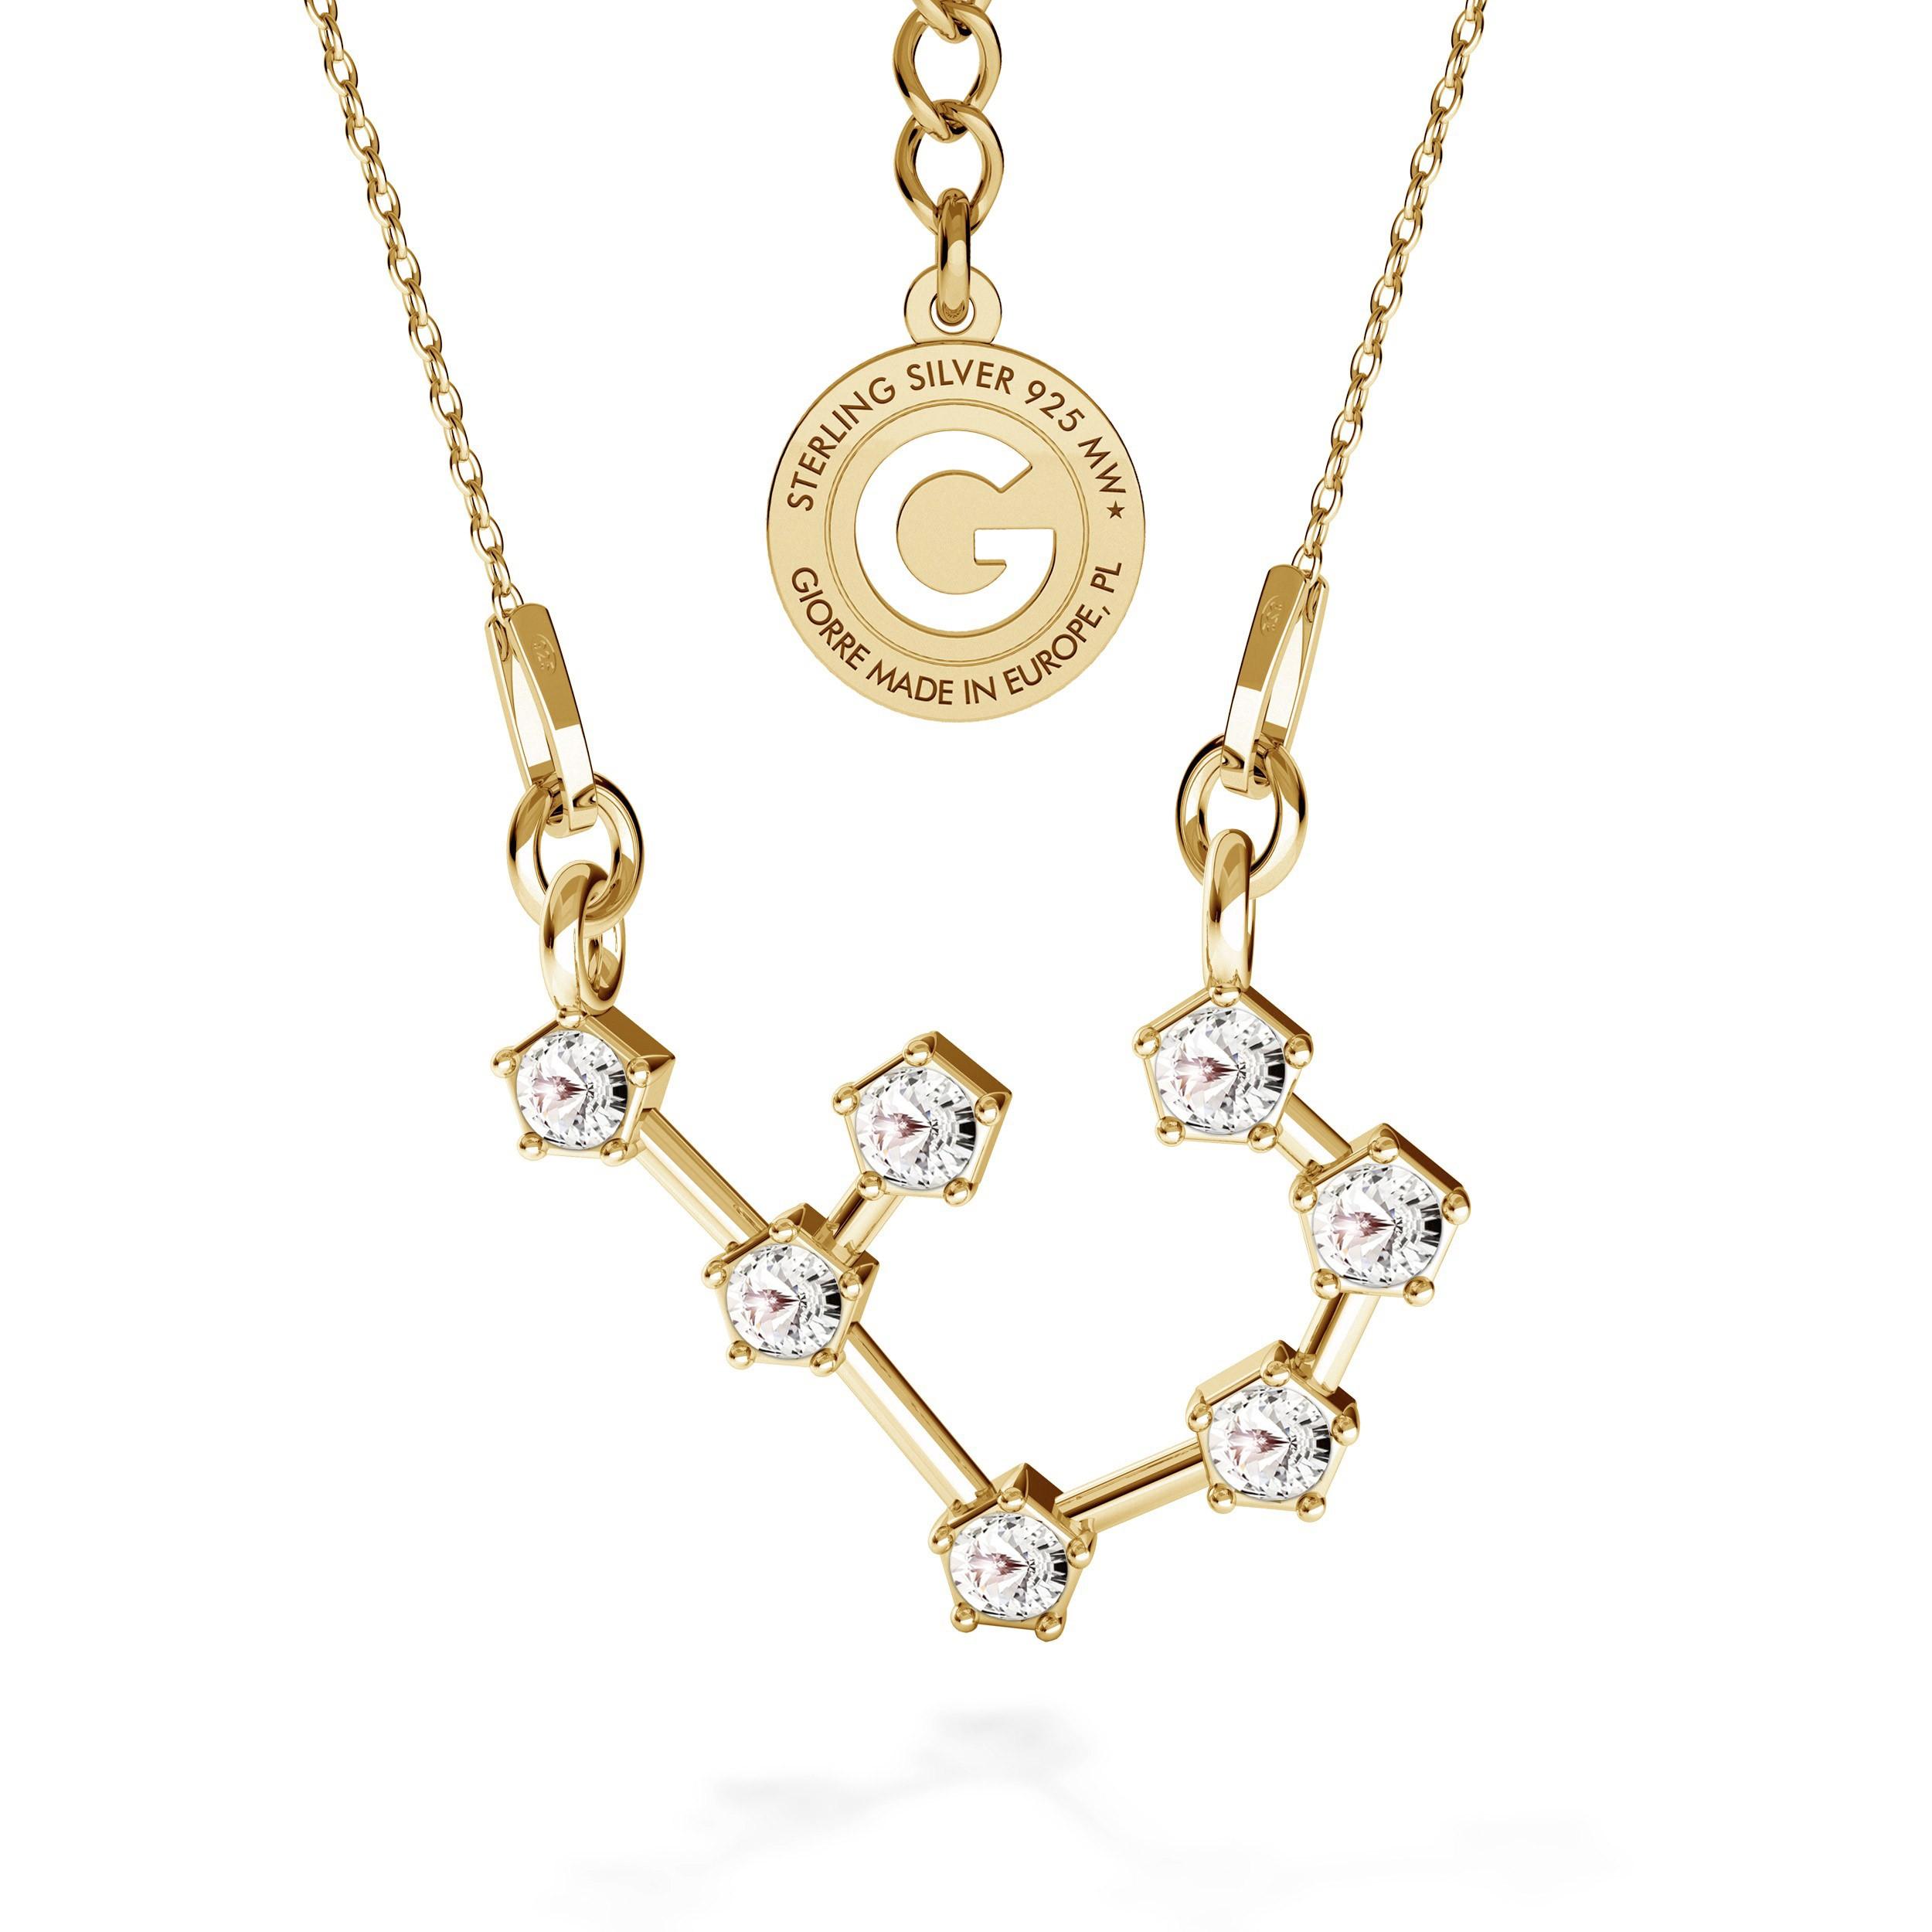 STRZELEC srebrny naszyjnik zodiak z kryształami Swarovskiego 925